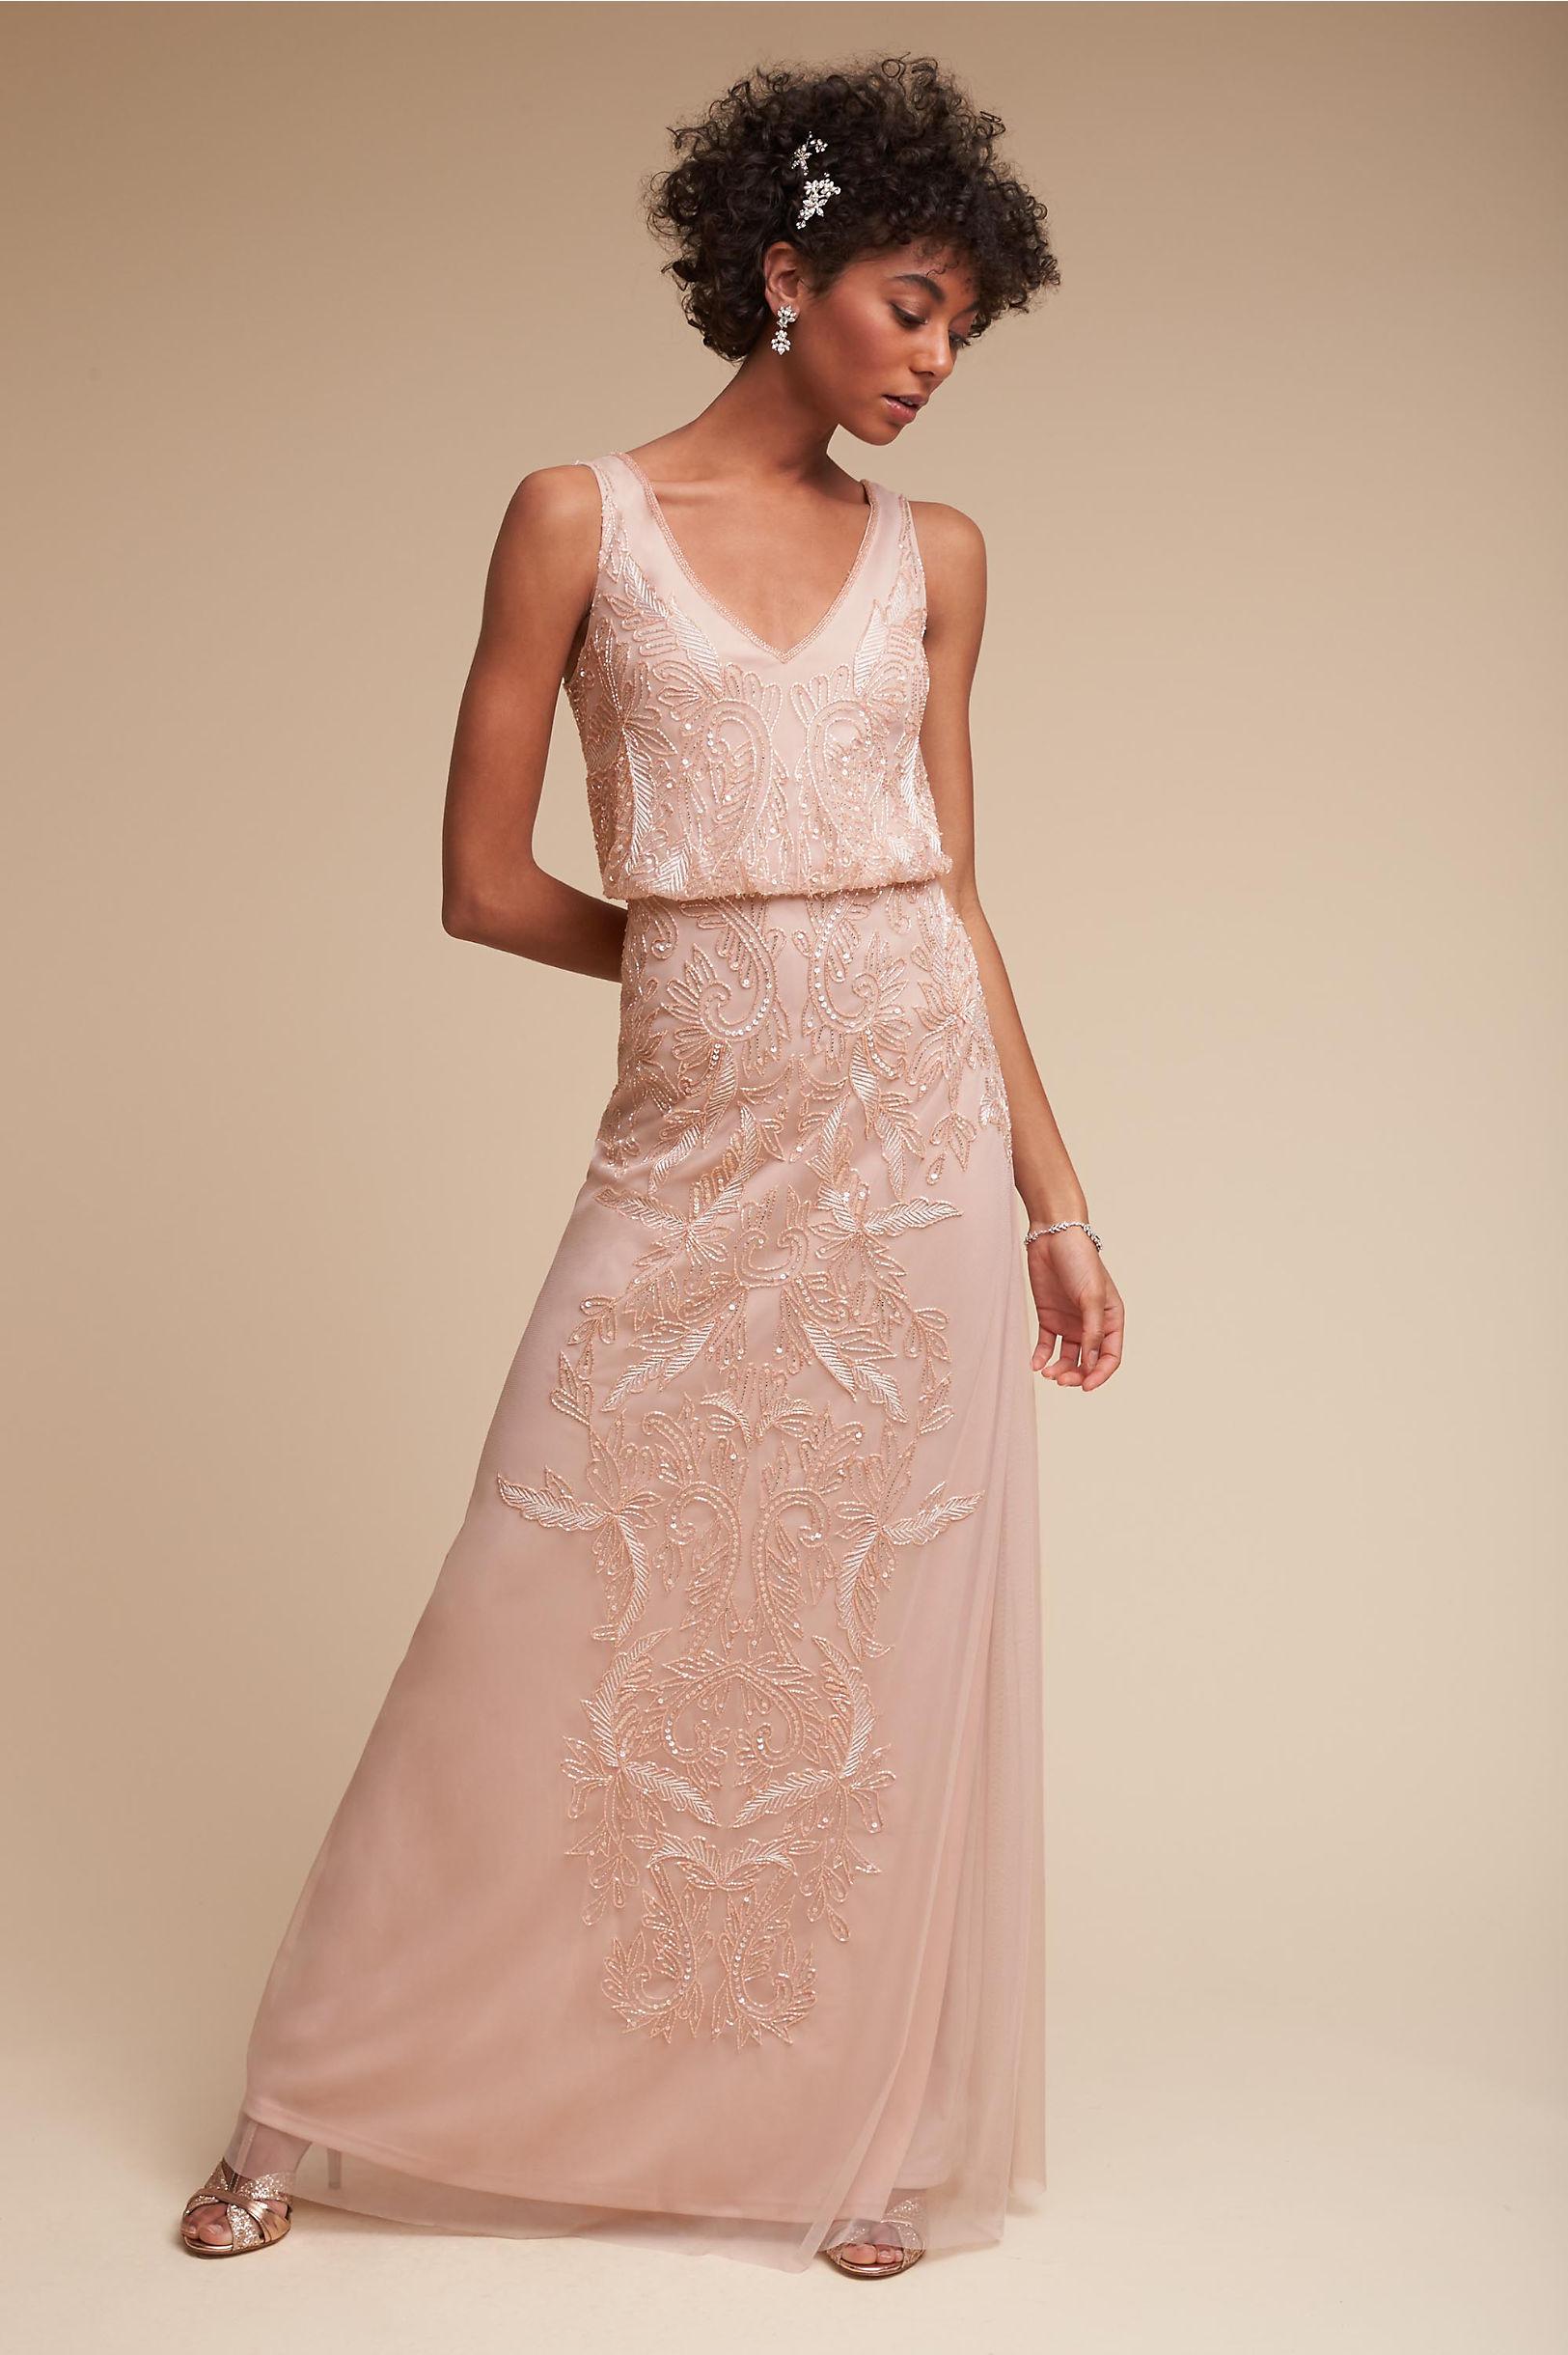 Aubrey Dress in Sale | BHLDN